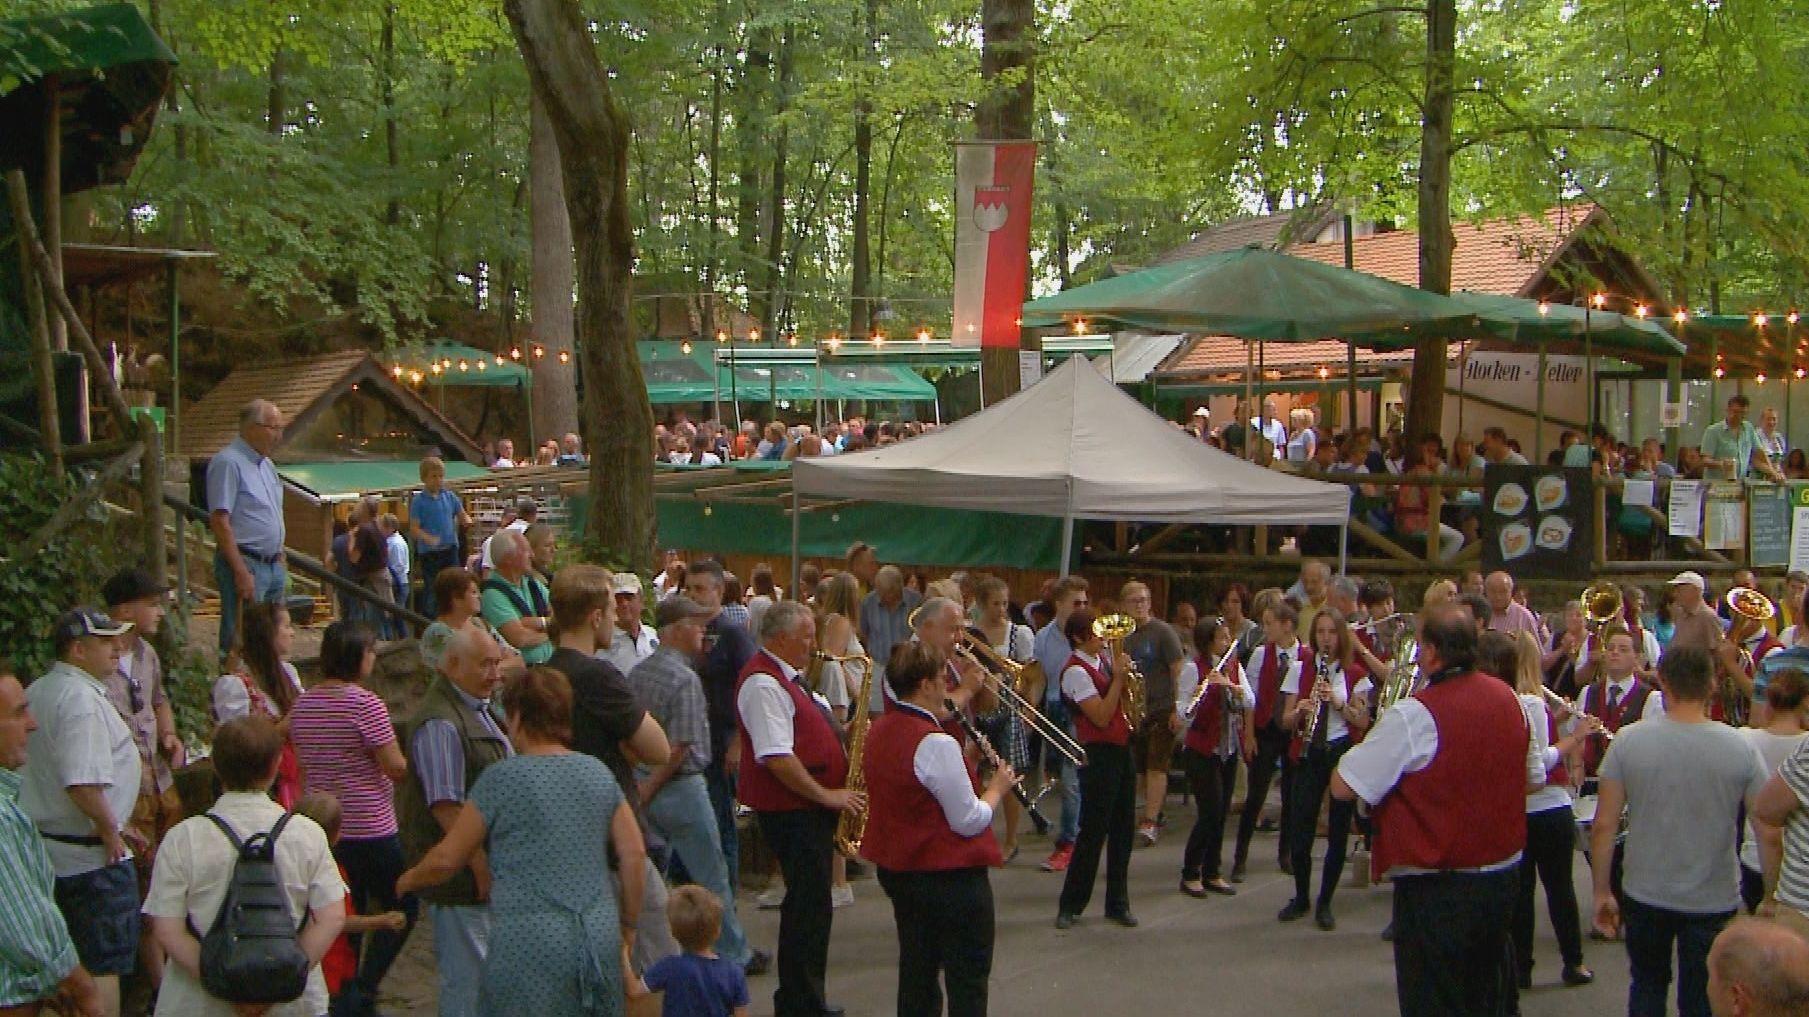 Zahlreiche Besucher und eine Blaskapelle sind auf einem Festplatz unter grünen Bäumen zu sehen.